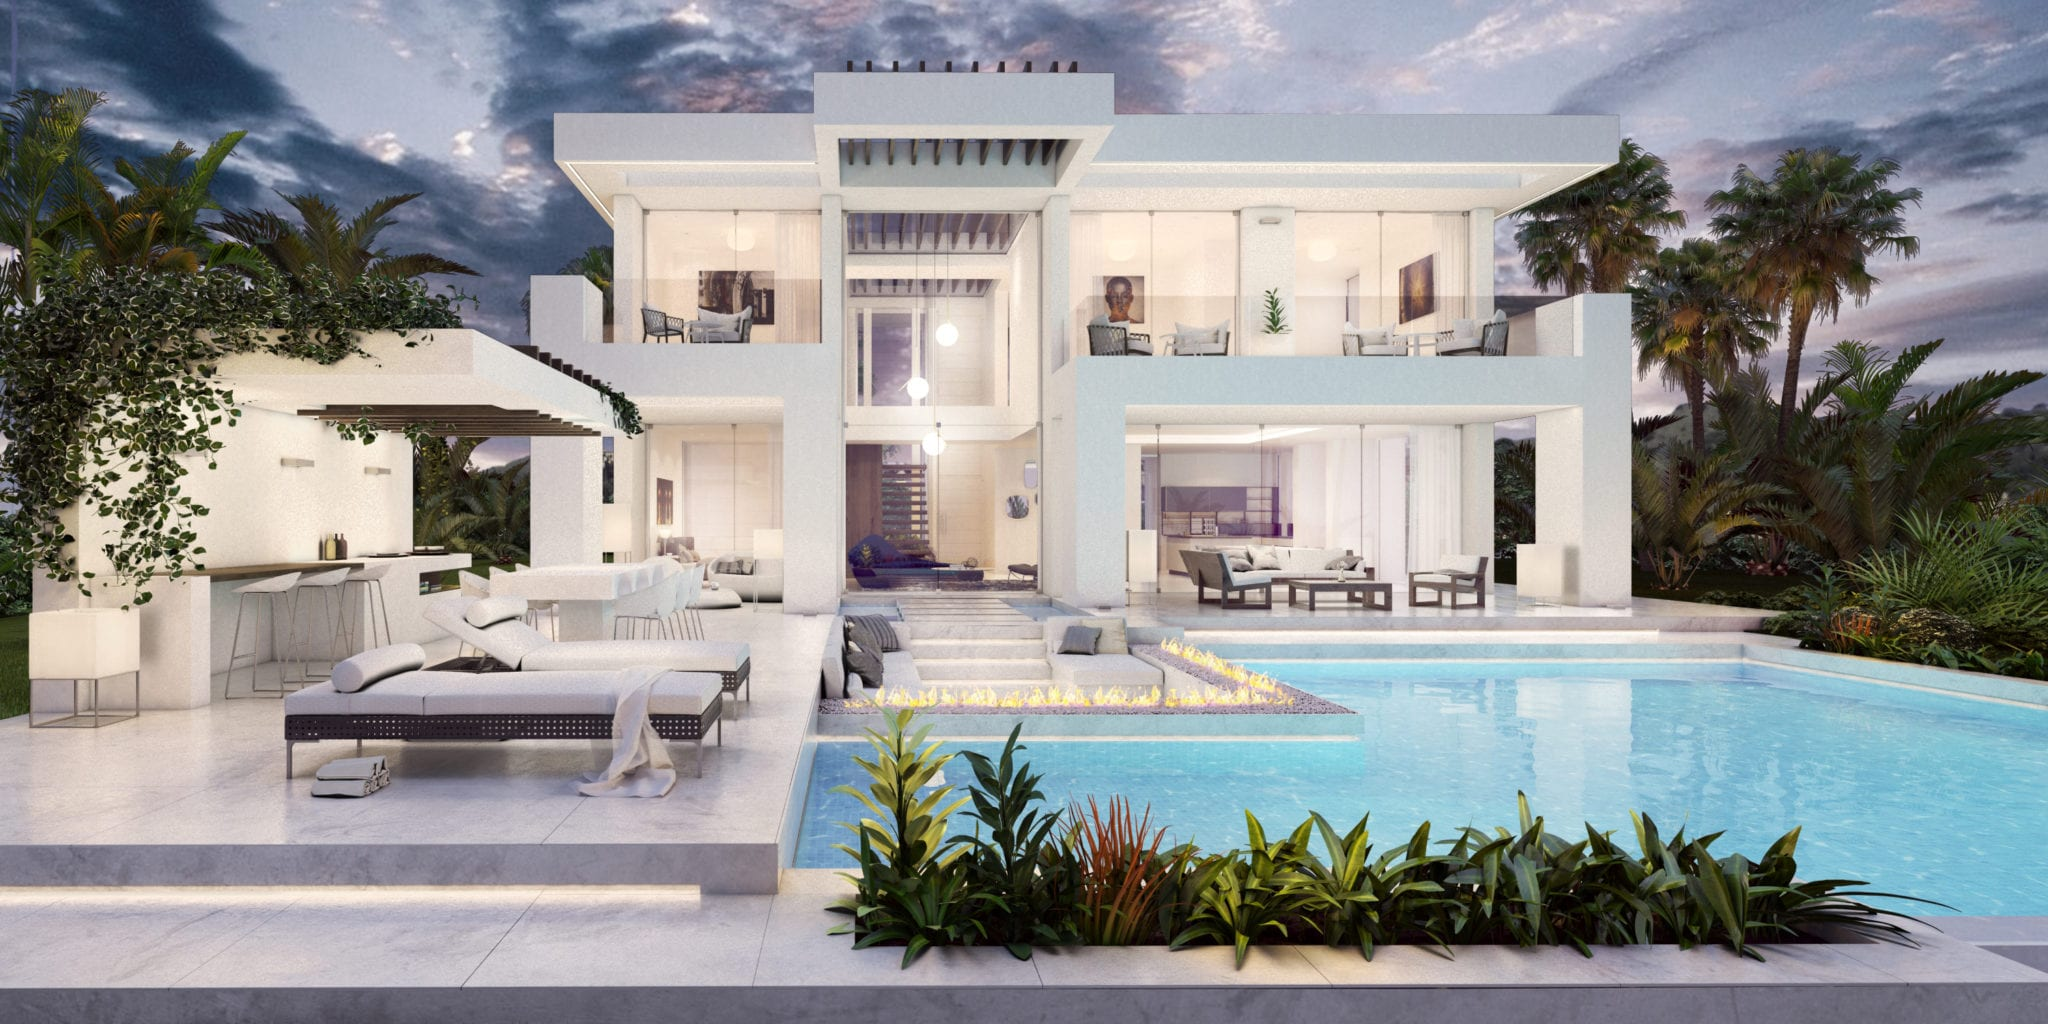 Villa contemporánea de lujo en Nueva Andalucía, Marbella